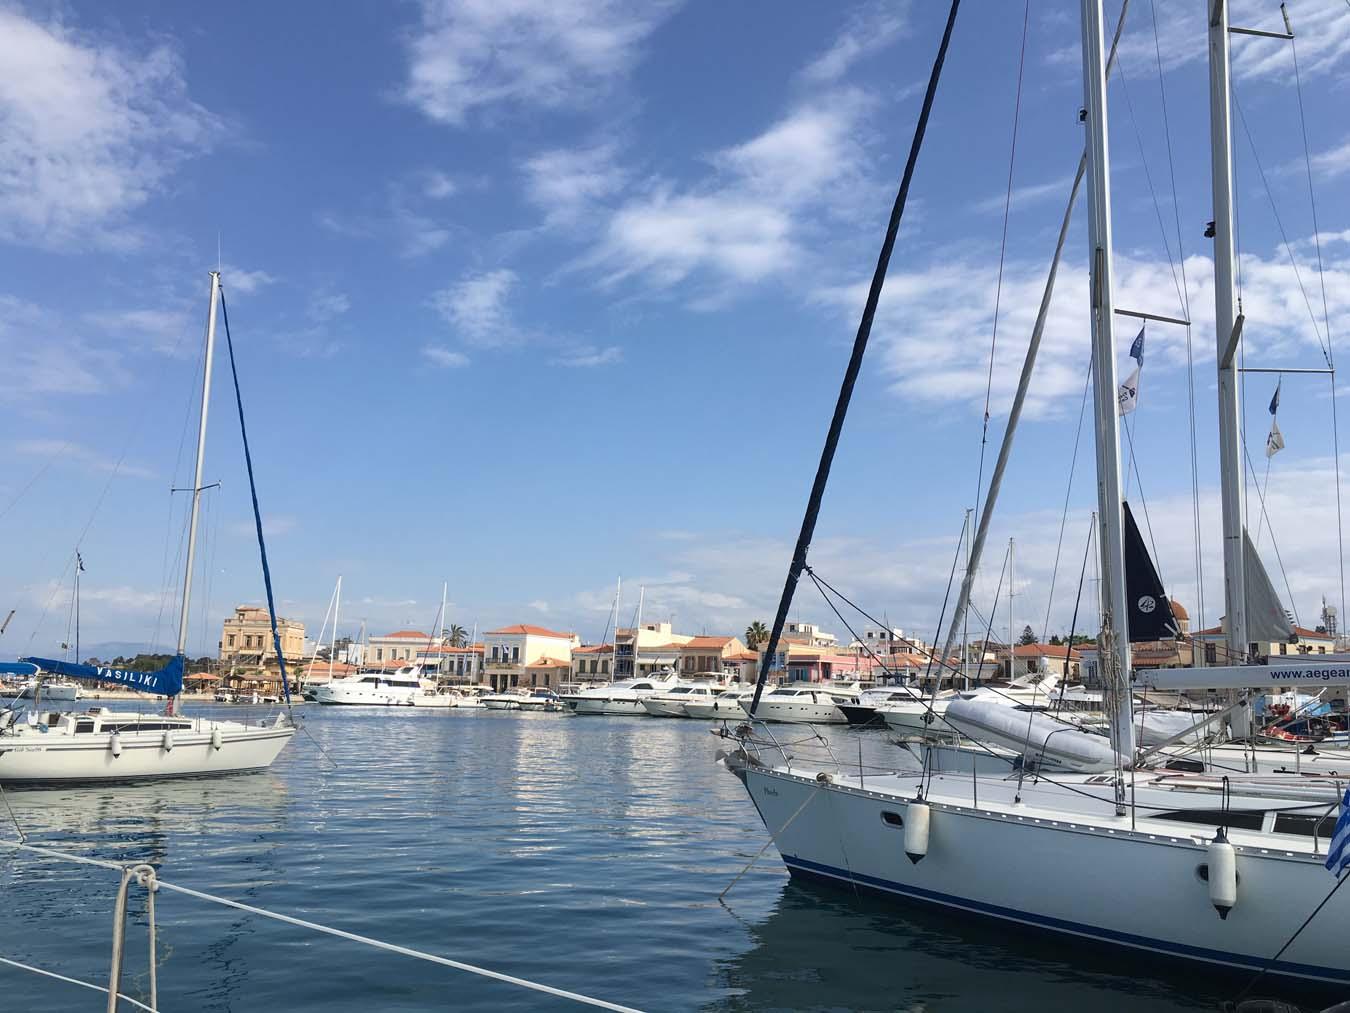 Sailing in Greece. Port of Aegina.